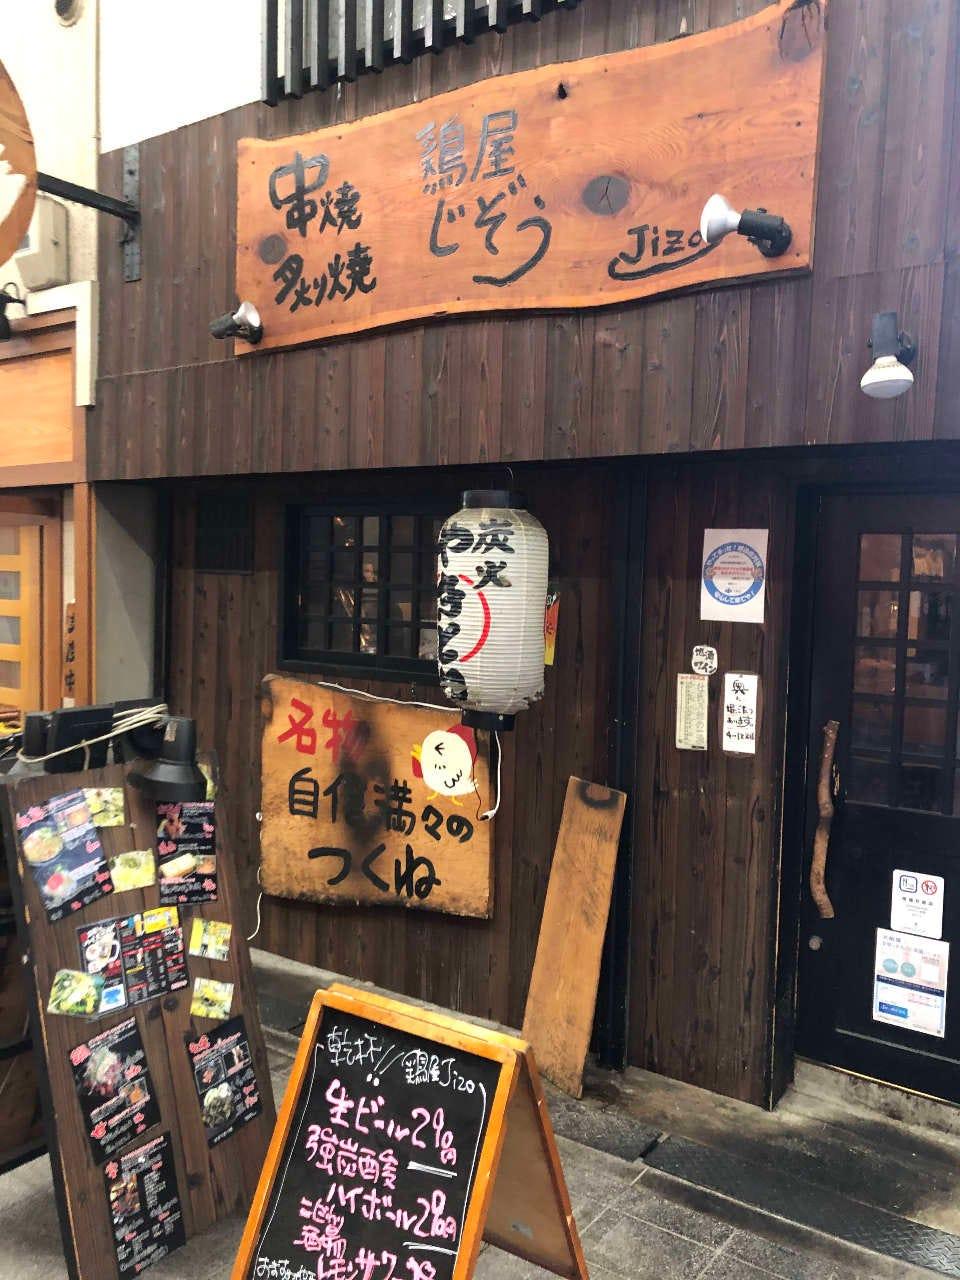 鶏屋 Jizo